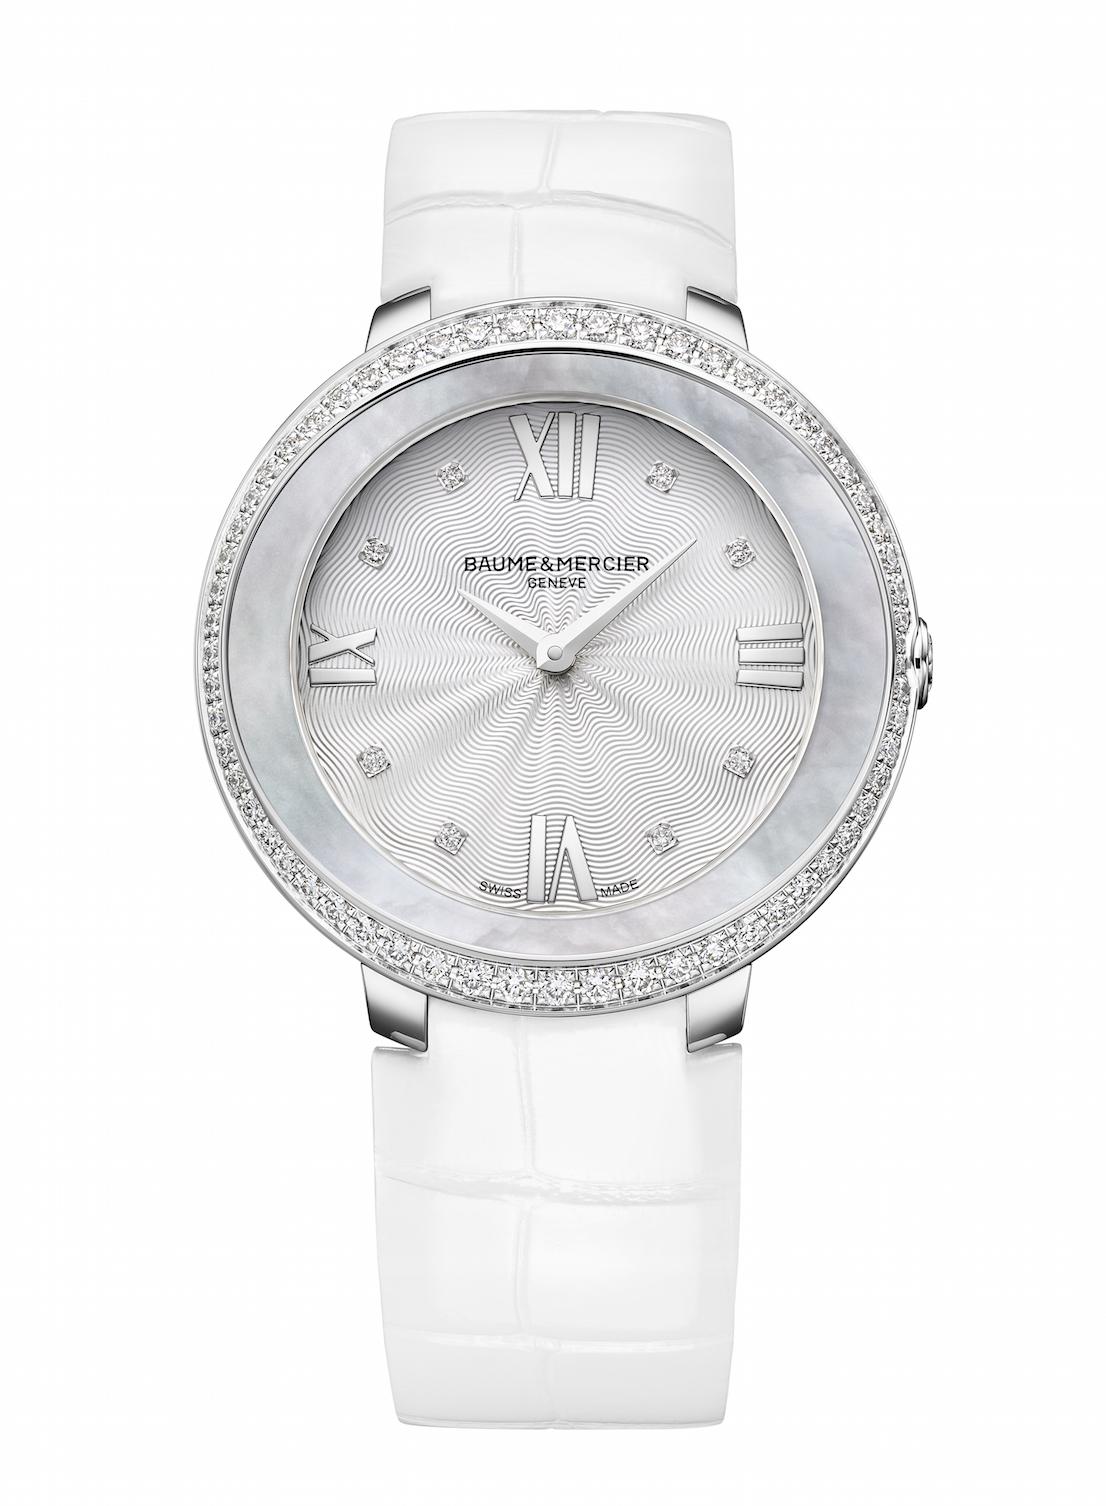 Il nuovo orologio femminile Promesse di Baume & Mercier.